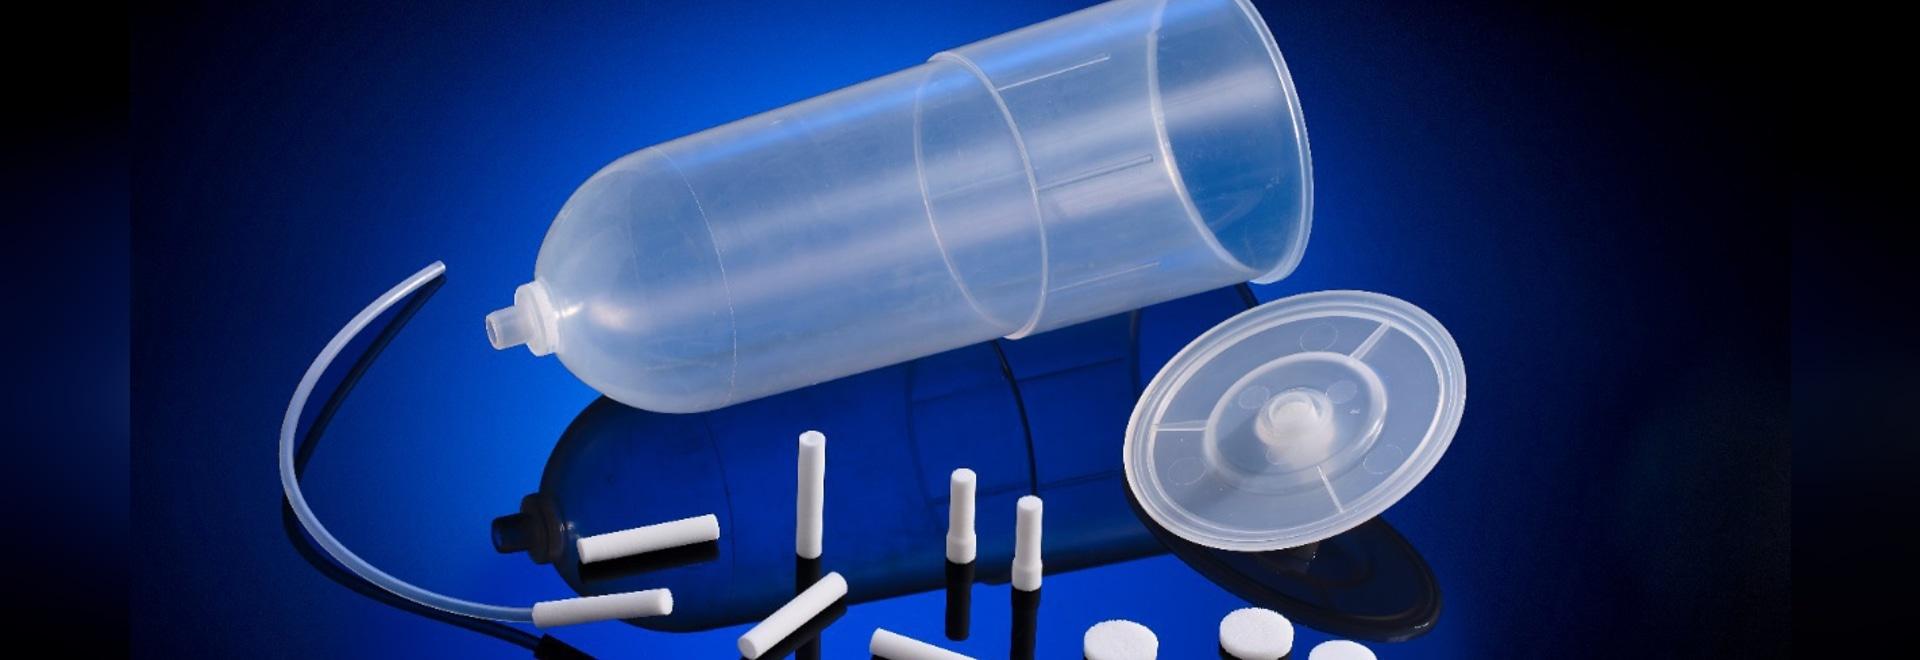 Poröser Kunststoff der nächsten Generation für Anwendungen im Gesundheitswesen